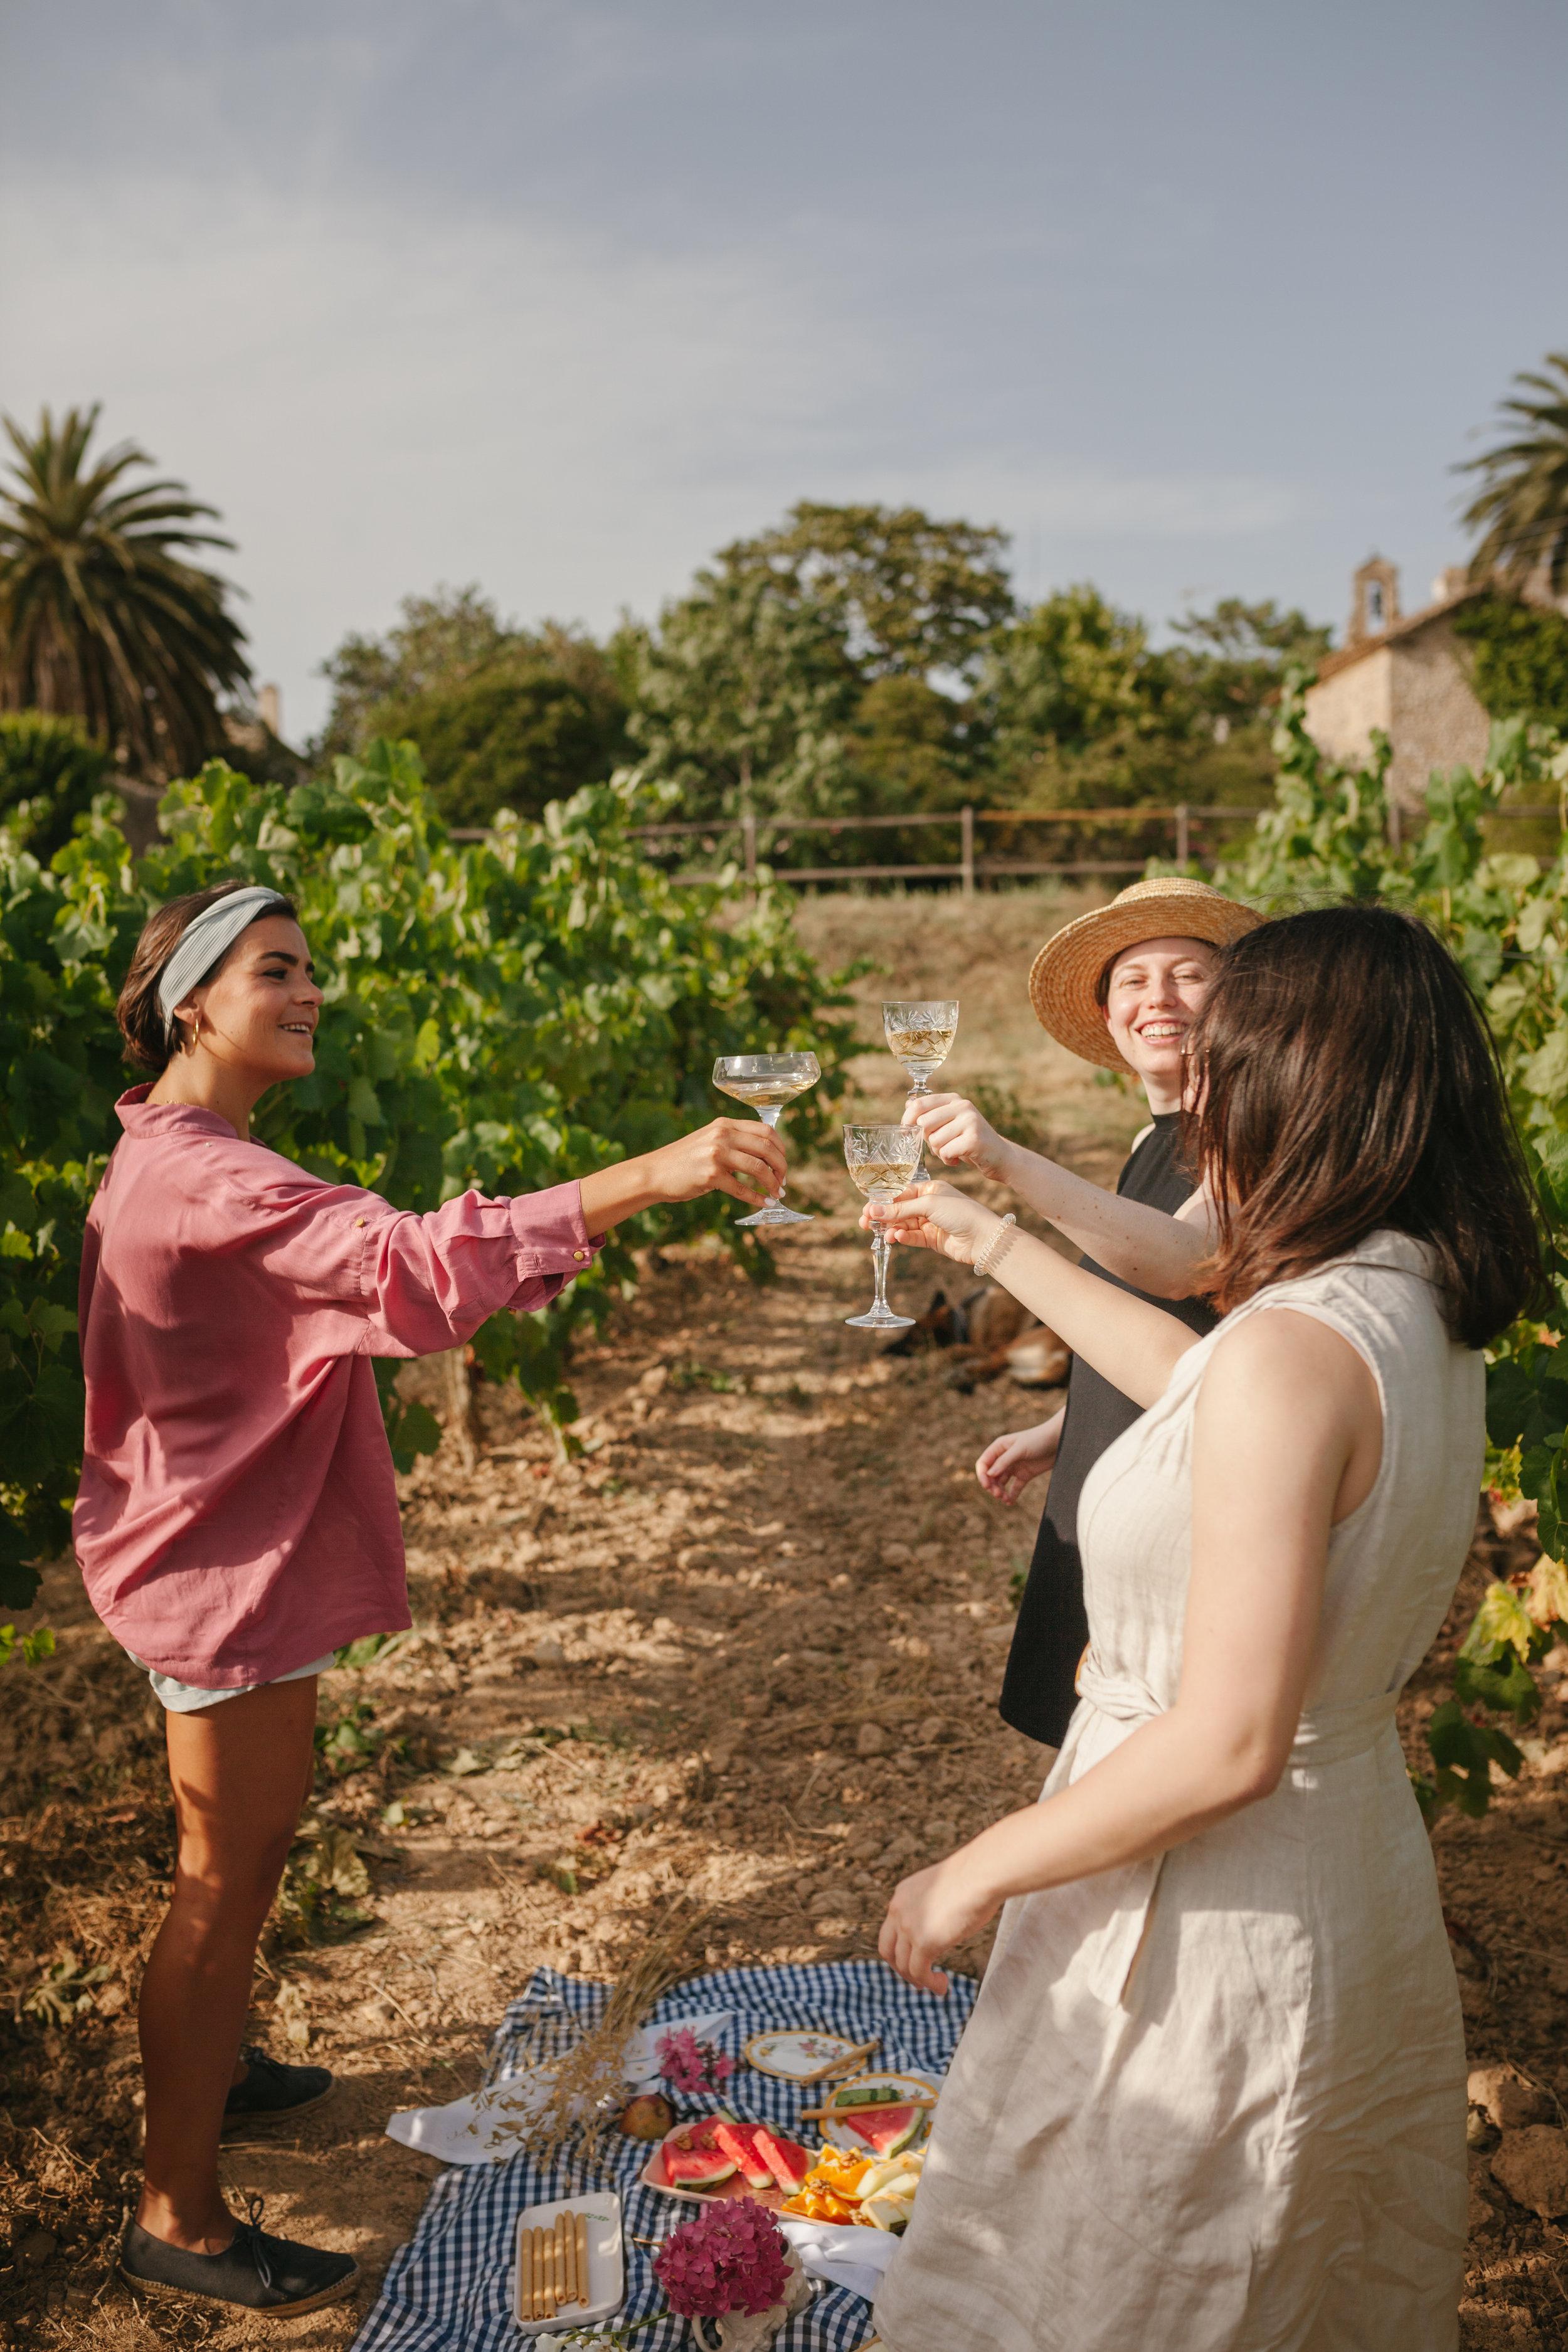 Tres chicas brindando con vino en un viñedo